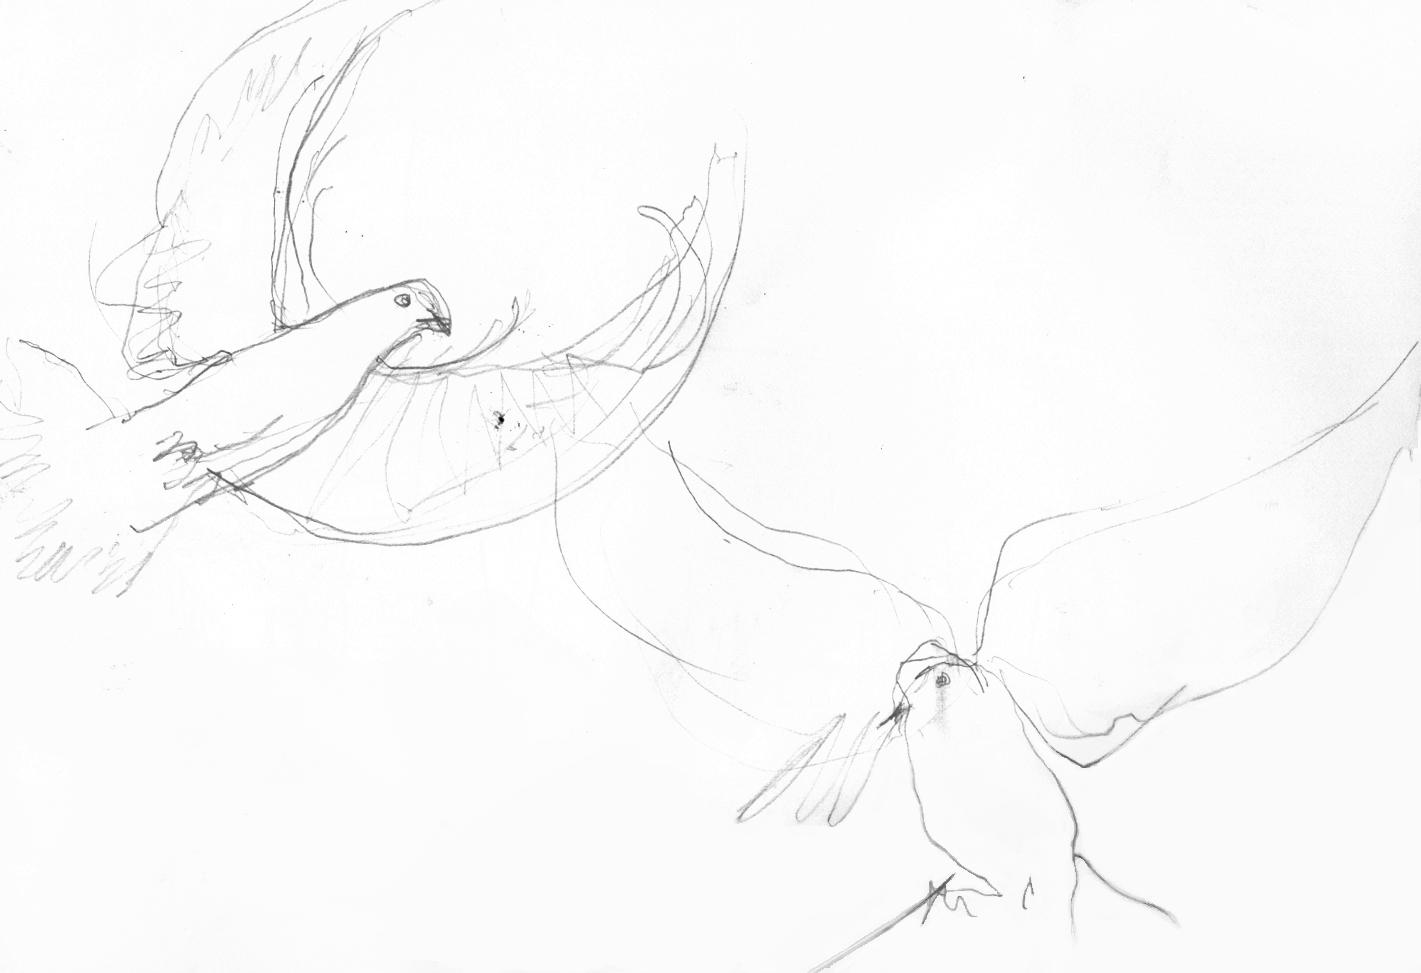 pencil sketch 2 birds.jpg